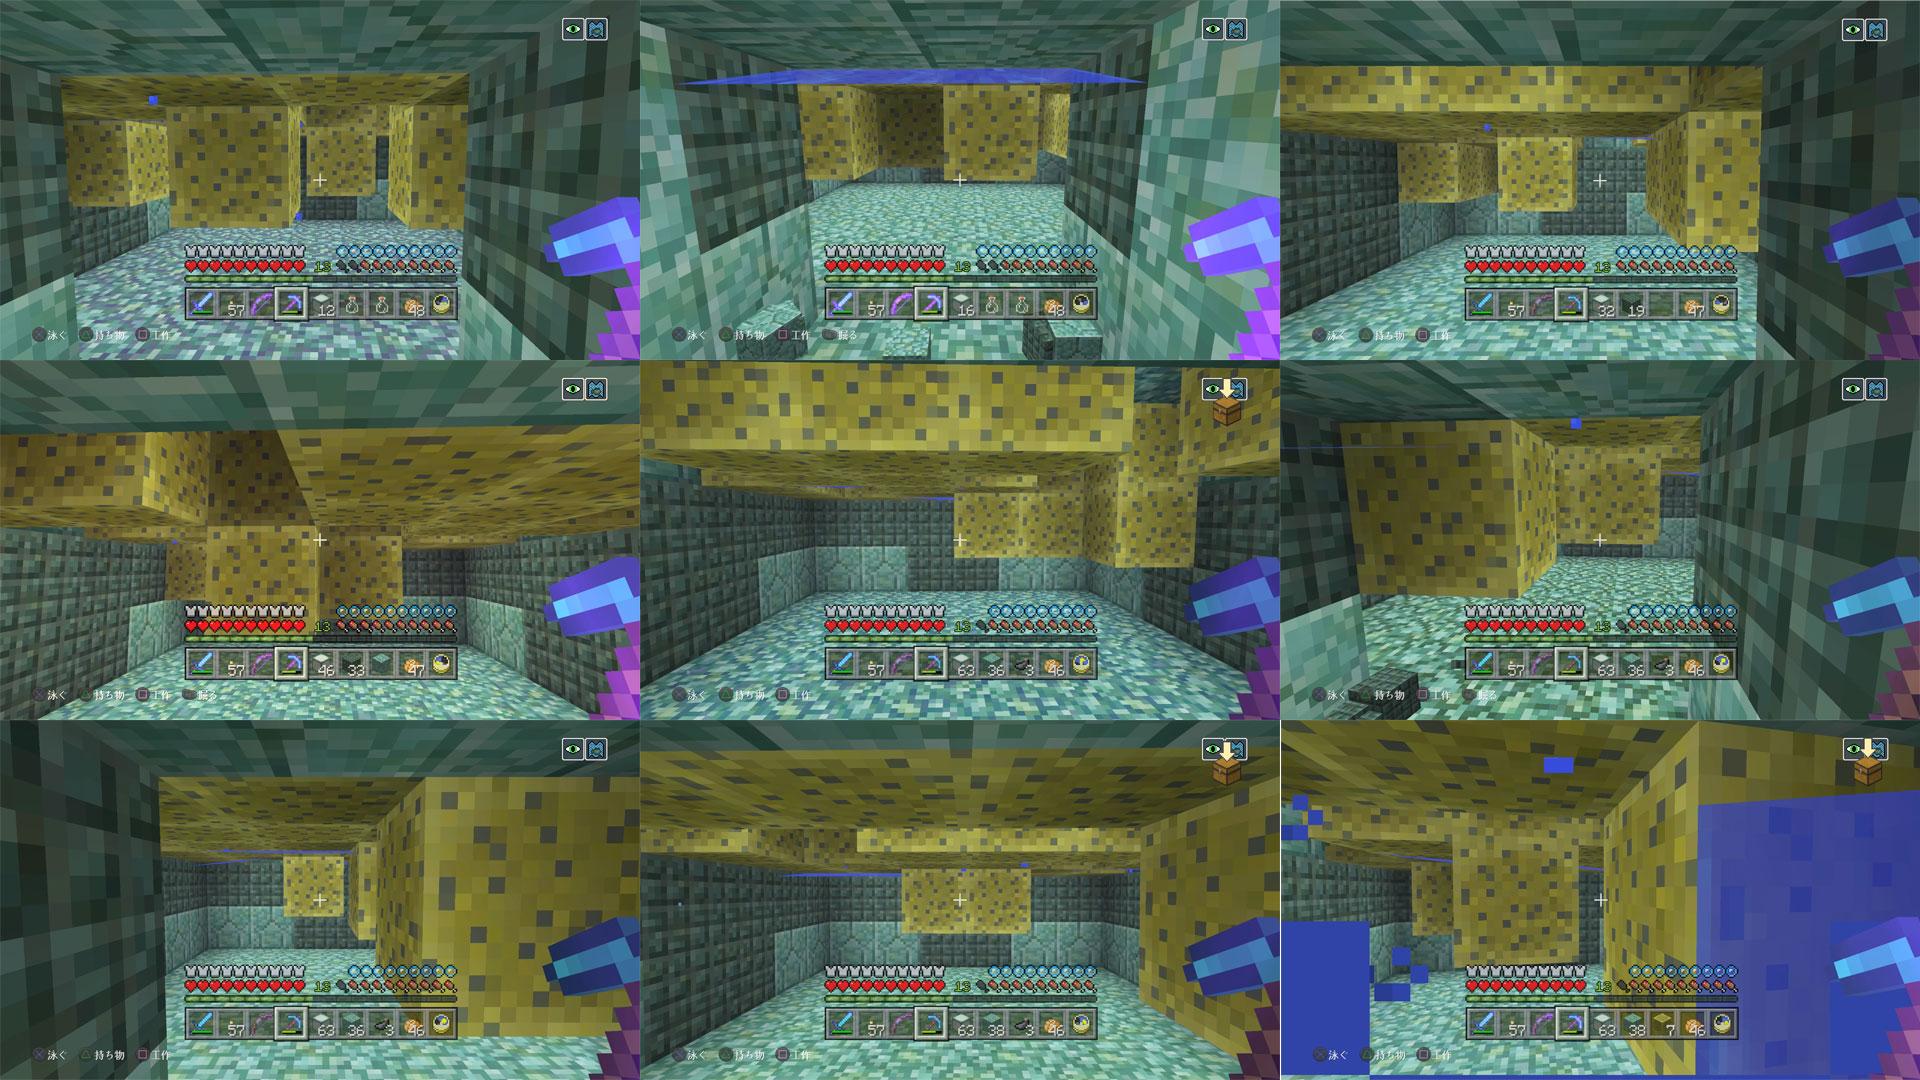 神殿 地図 海底 マイクラ